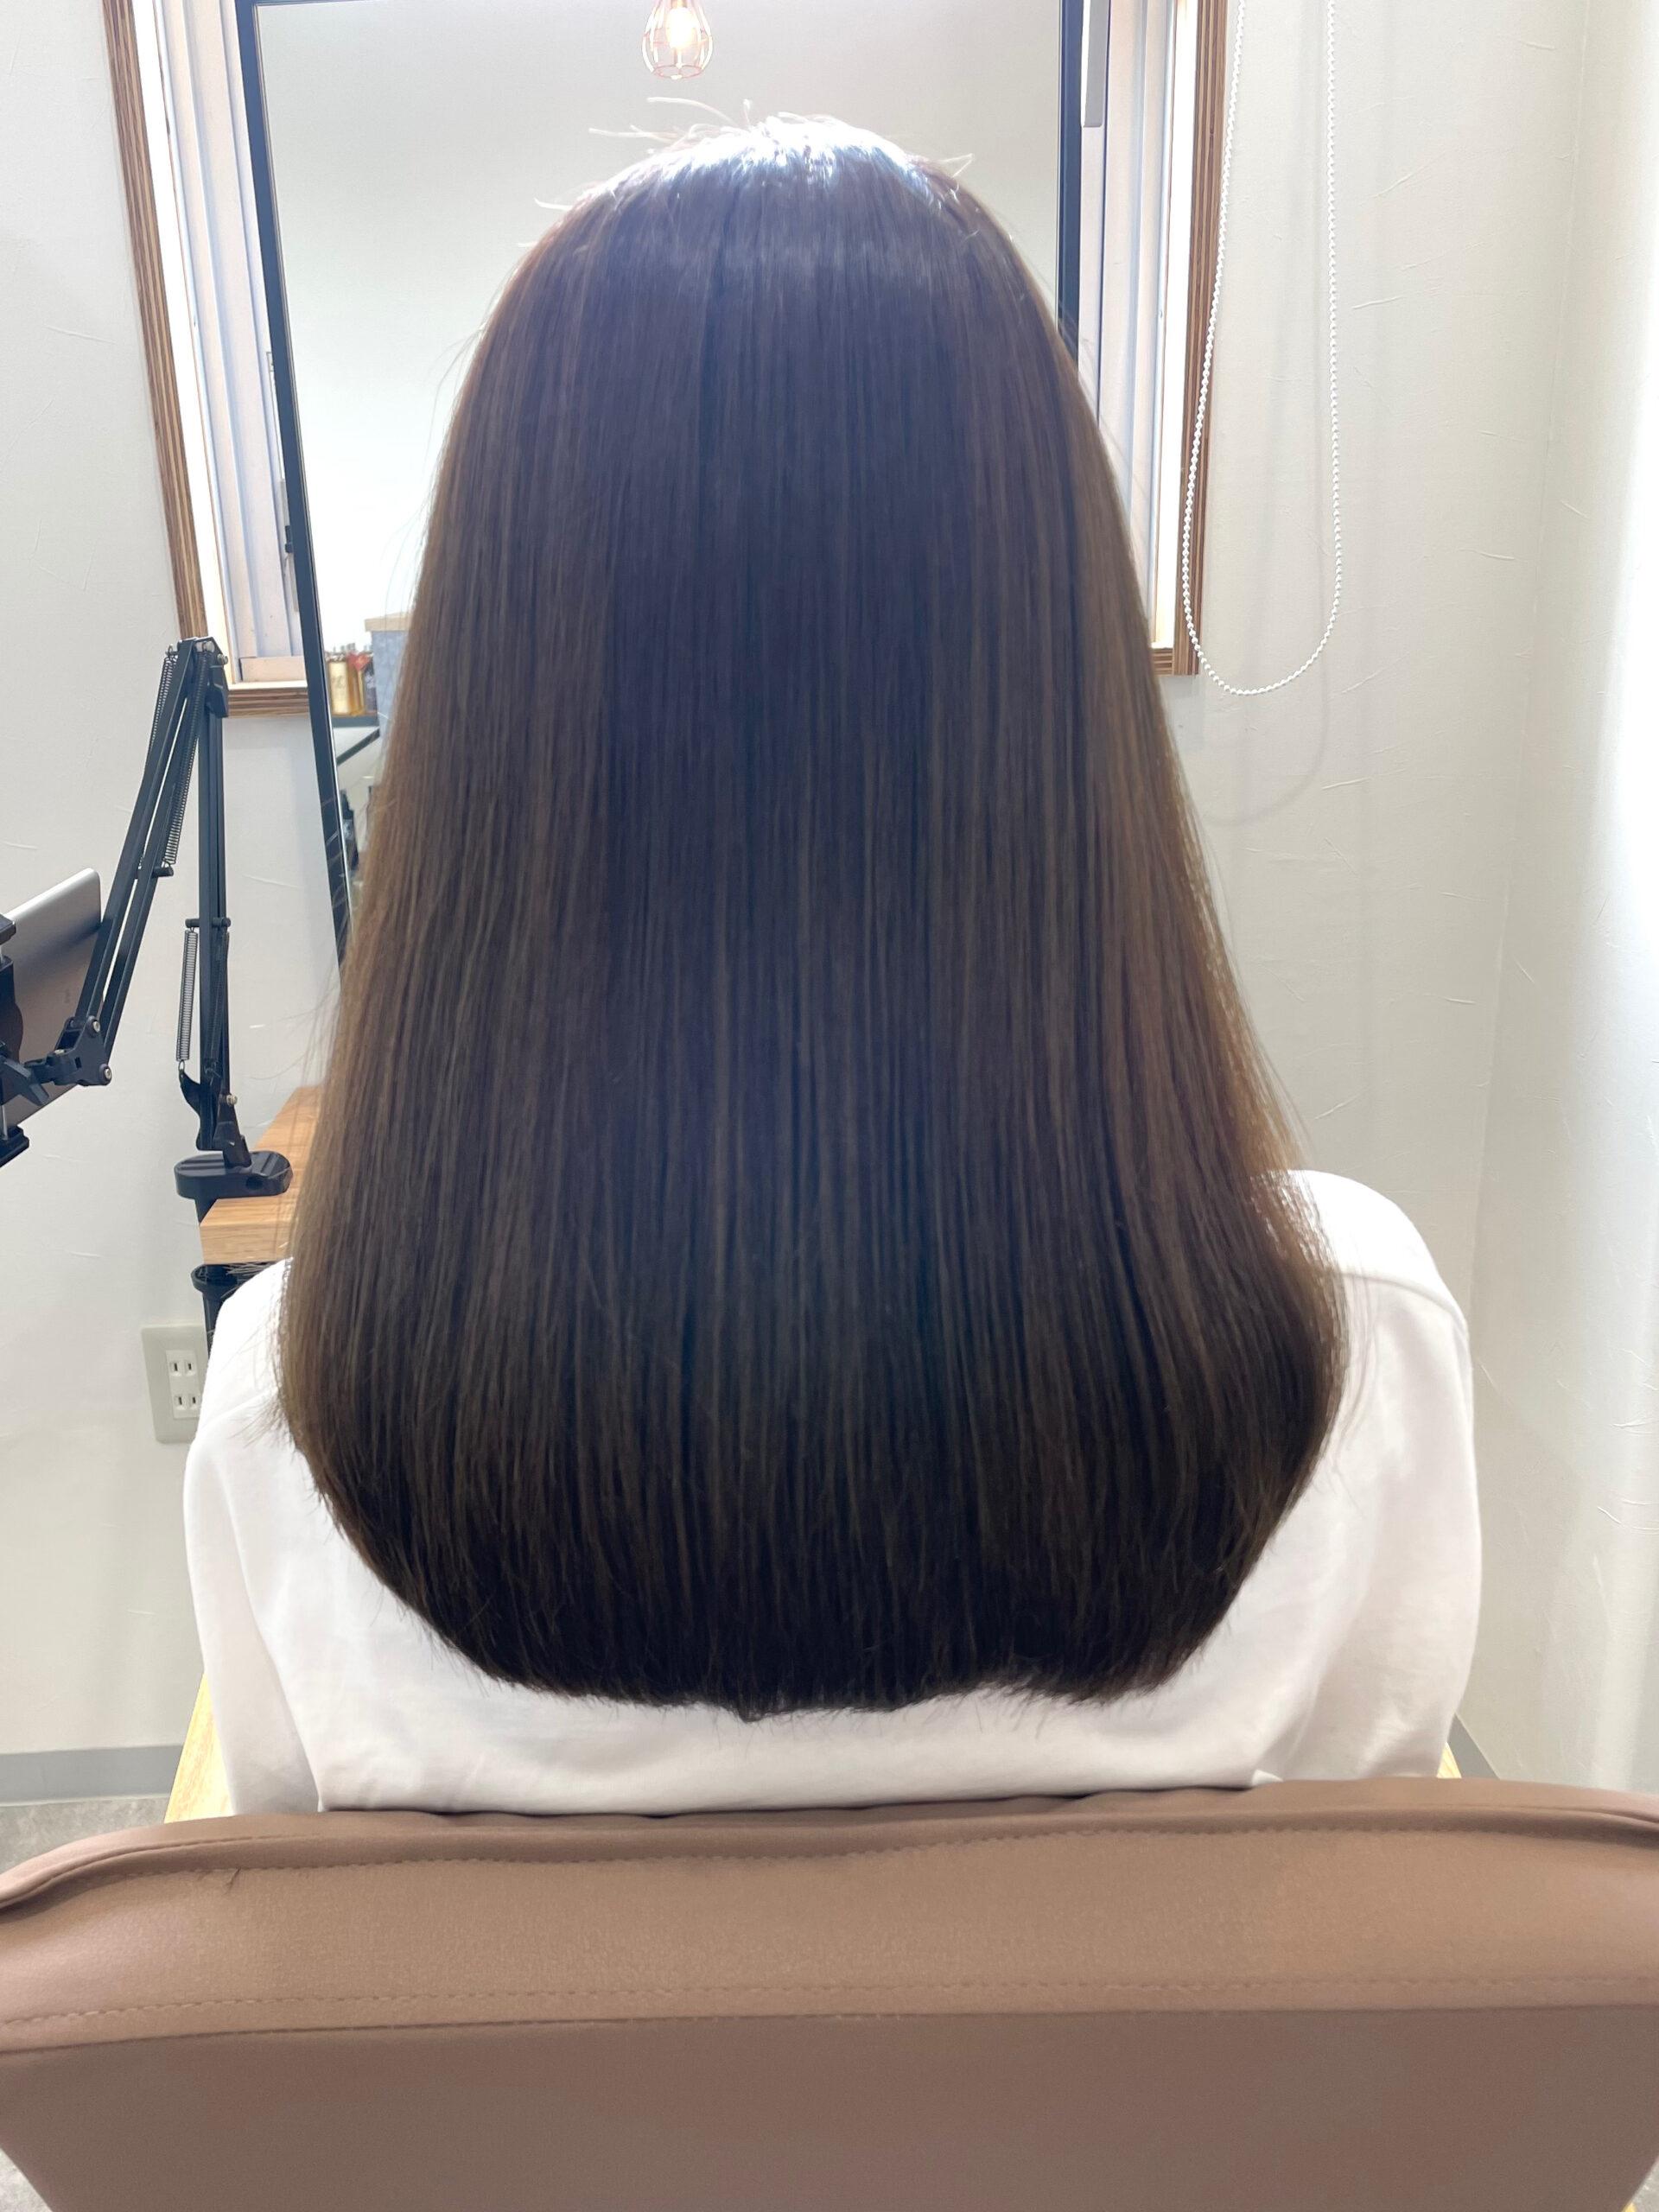 大分県別府市 髪質改善トリートメントでハイトーンでもツヤツヤな髪 アフター